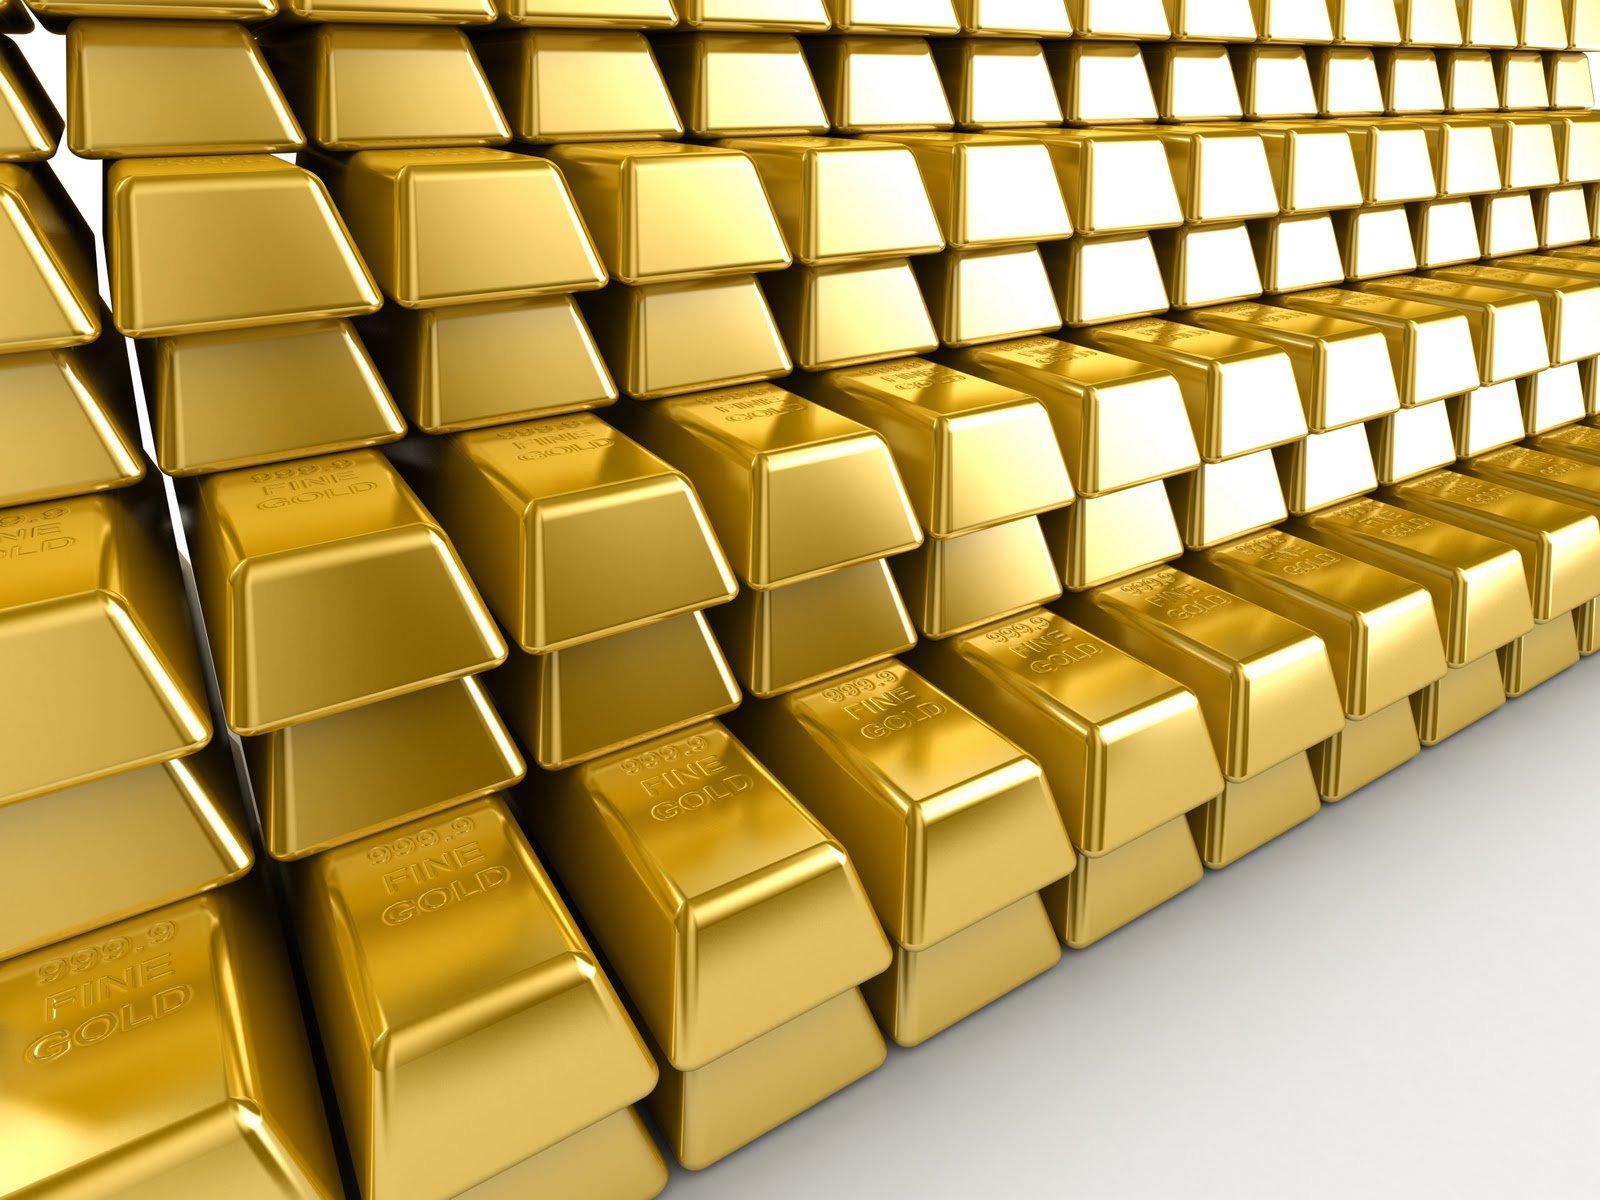 بالصور تفسير حلم الذهب , معنى الذهب في الحلم 3767 12